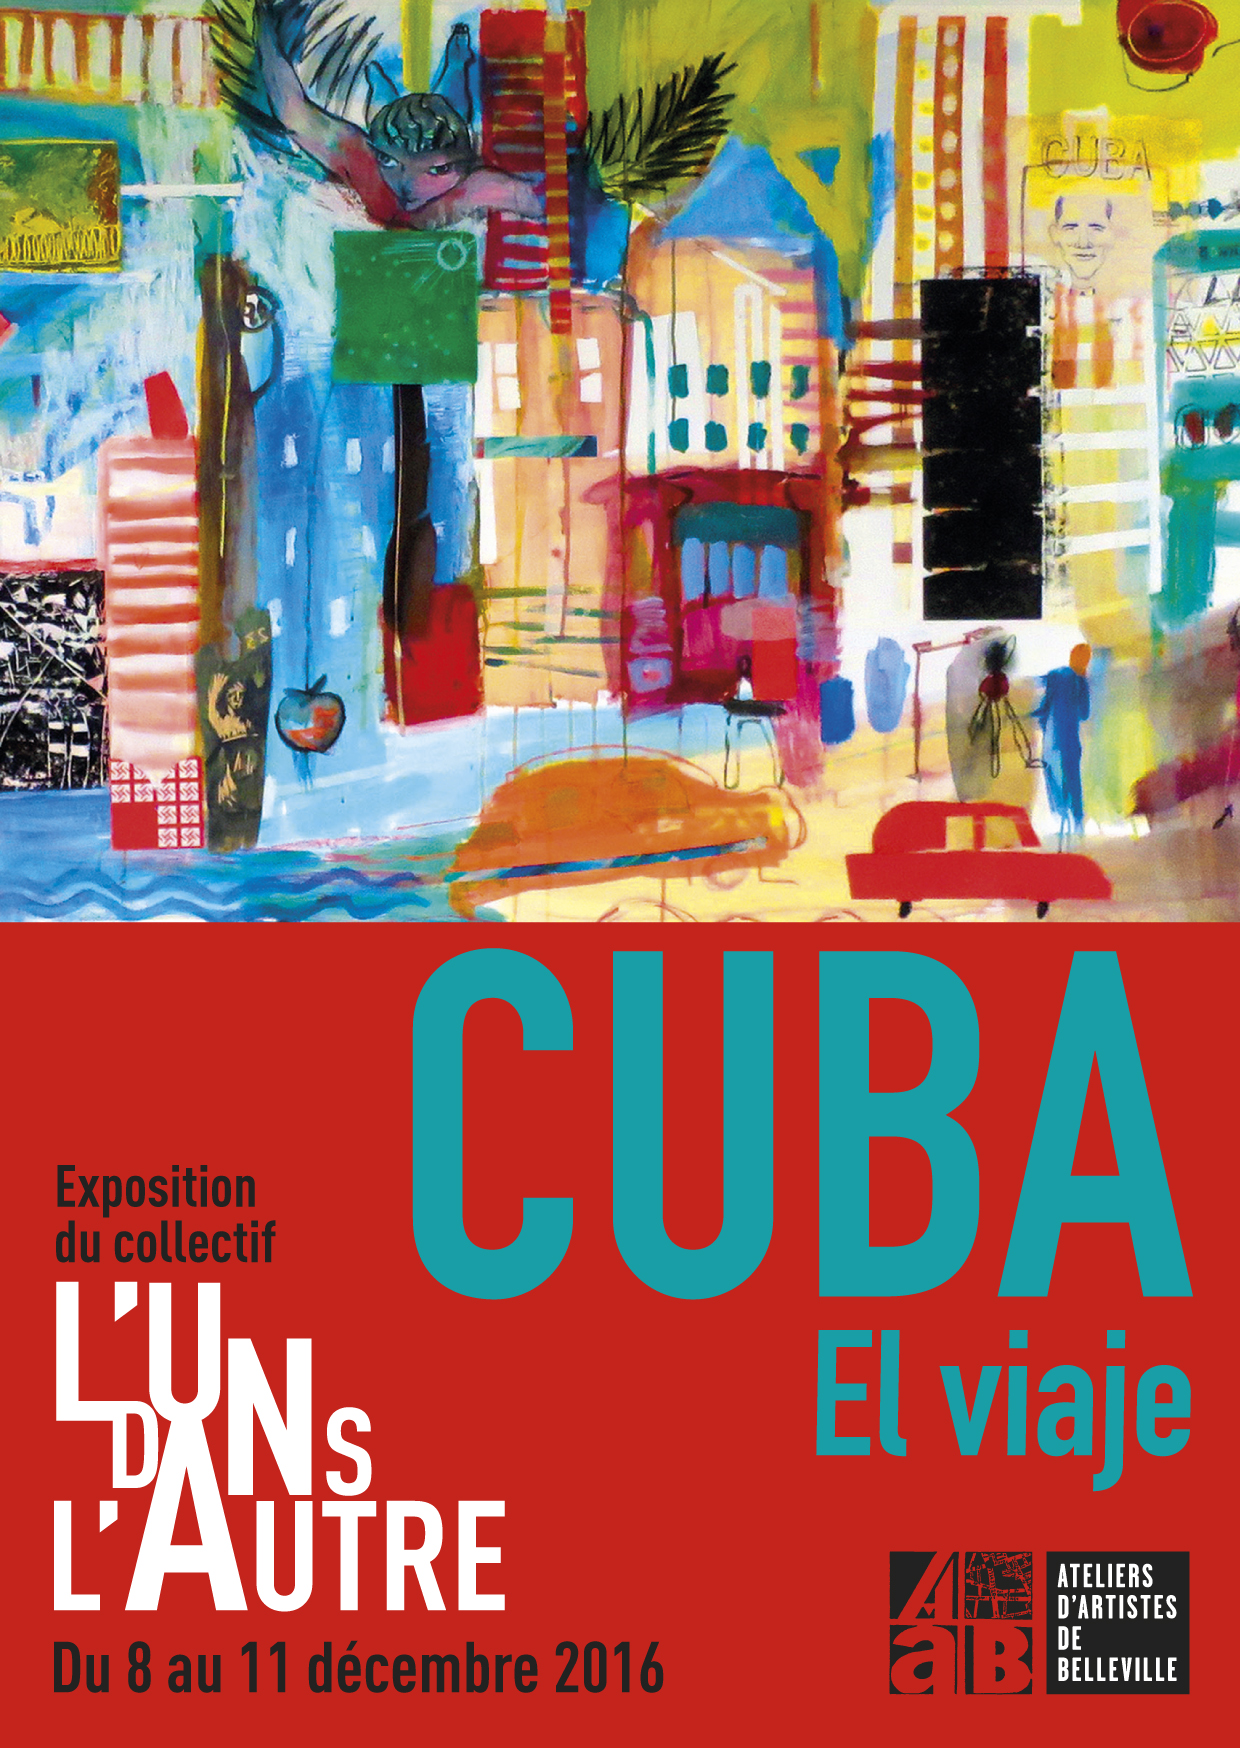 CUBA El viaje